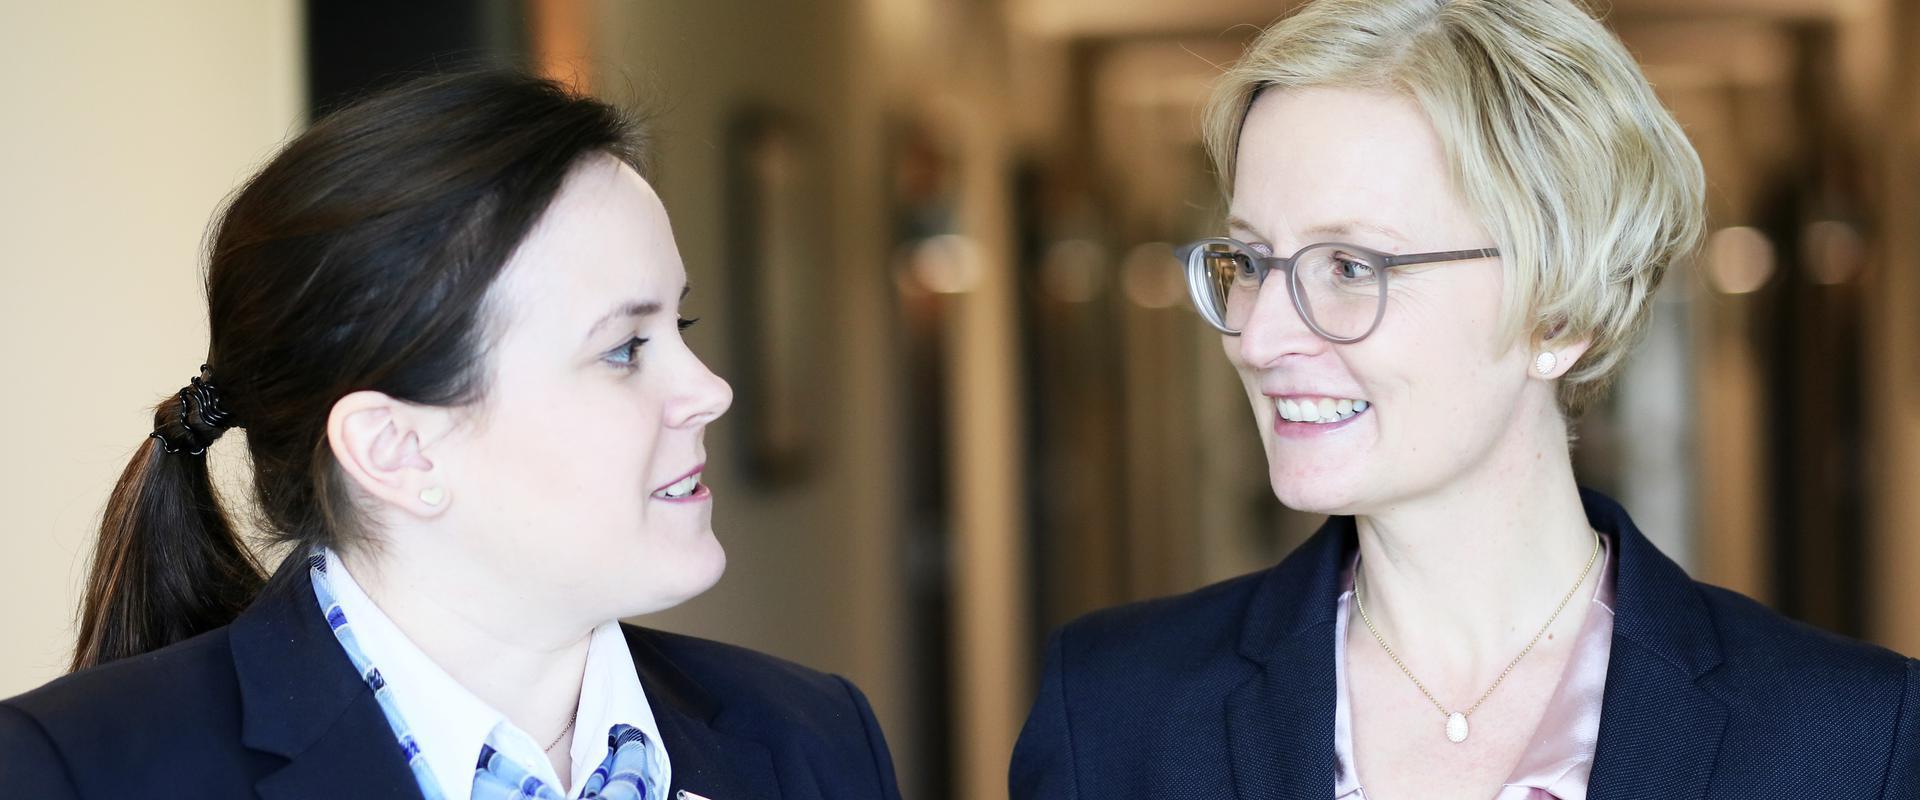 Mitarbeiterinnen der MEDIAN Parkklinik Bad Rothenfelde